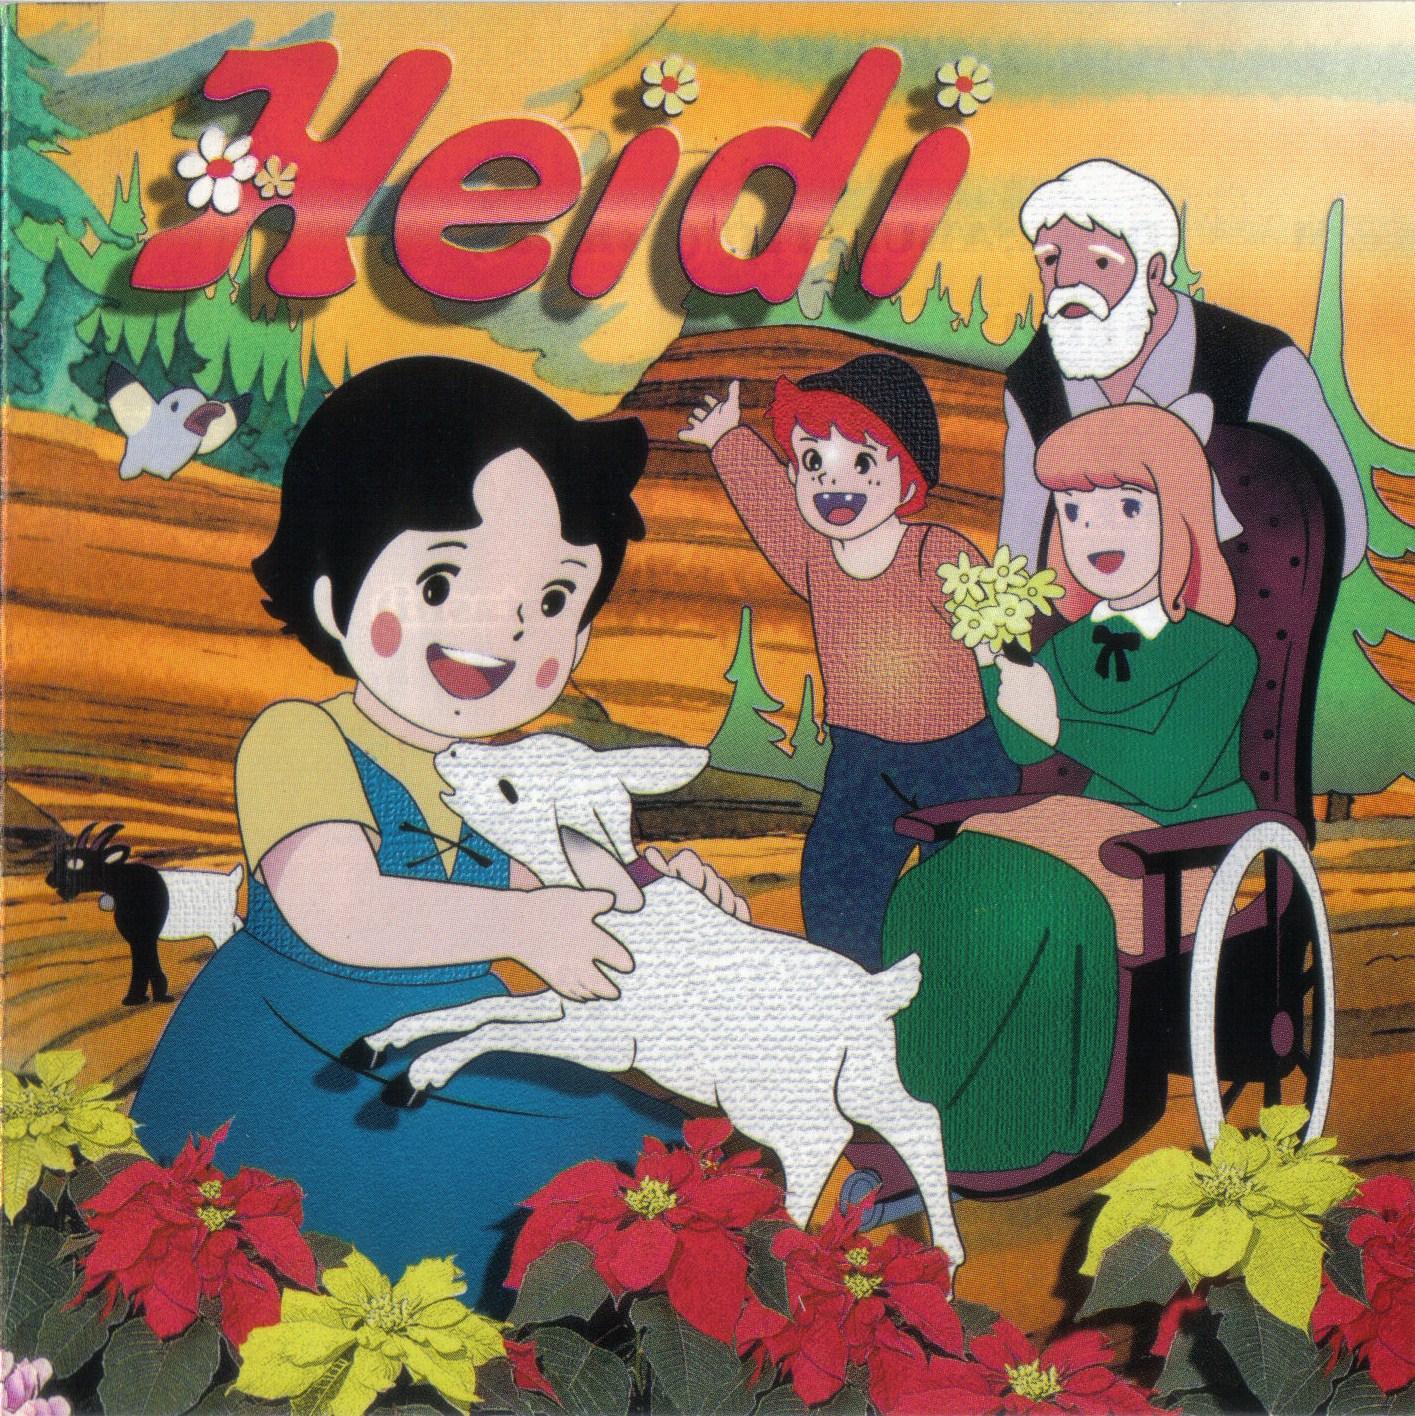 Imagen - Heidi CD Chile.jpg